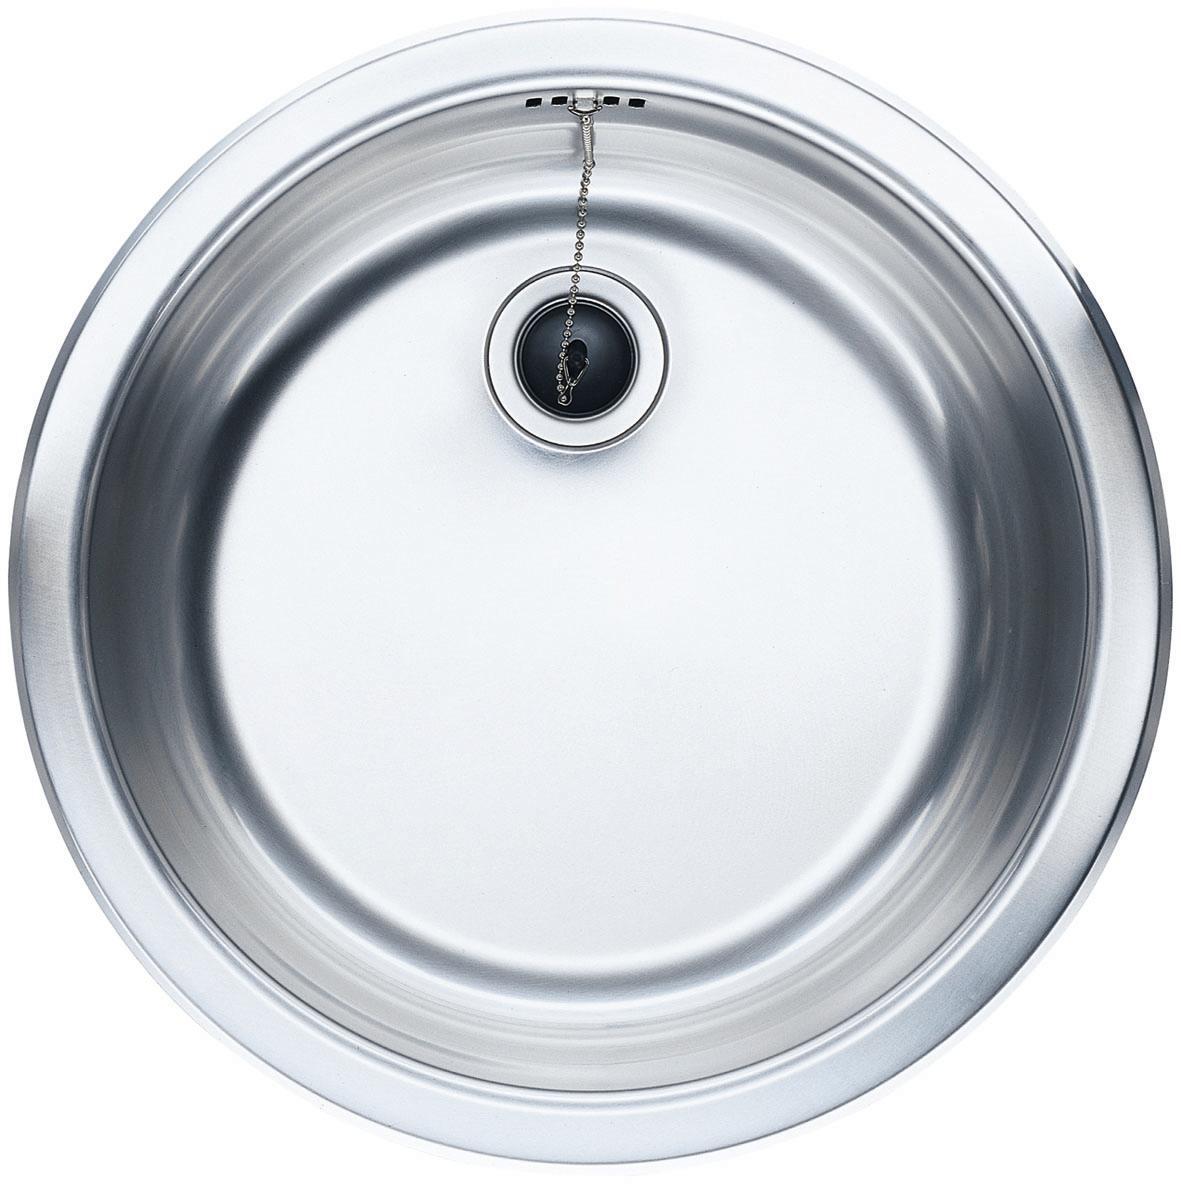 OPTIFIT Edelstahl-Einbauspüle Rundbecken | Küche und Esszimmer > Spülen > Einbauspülen | Silberfarben | Edelstahl | OPTIFIT